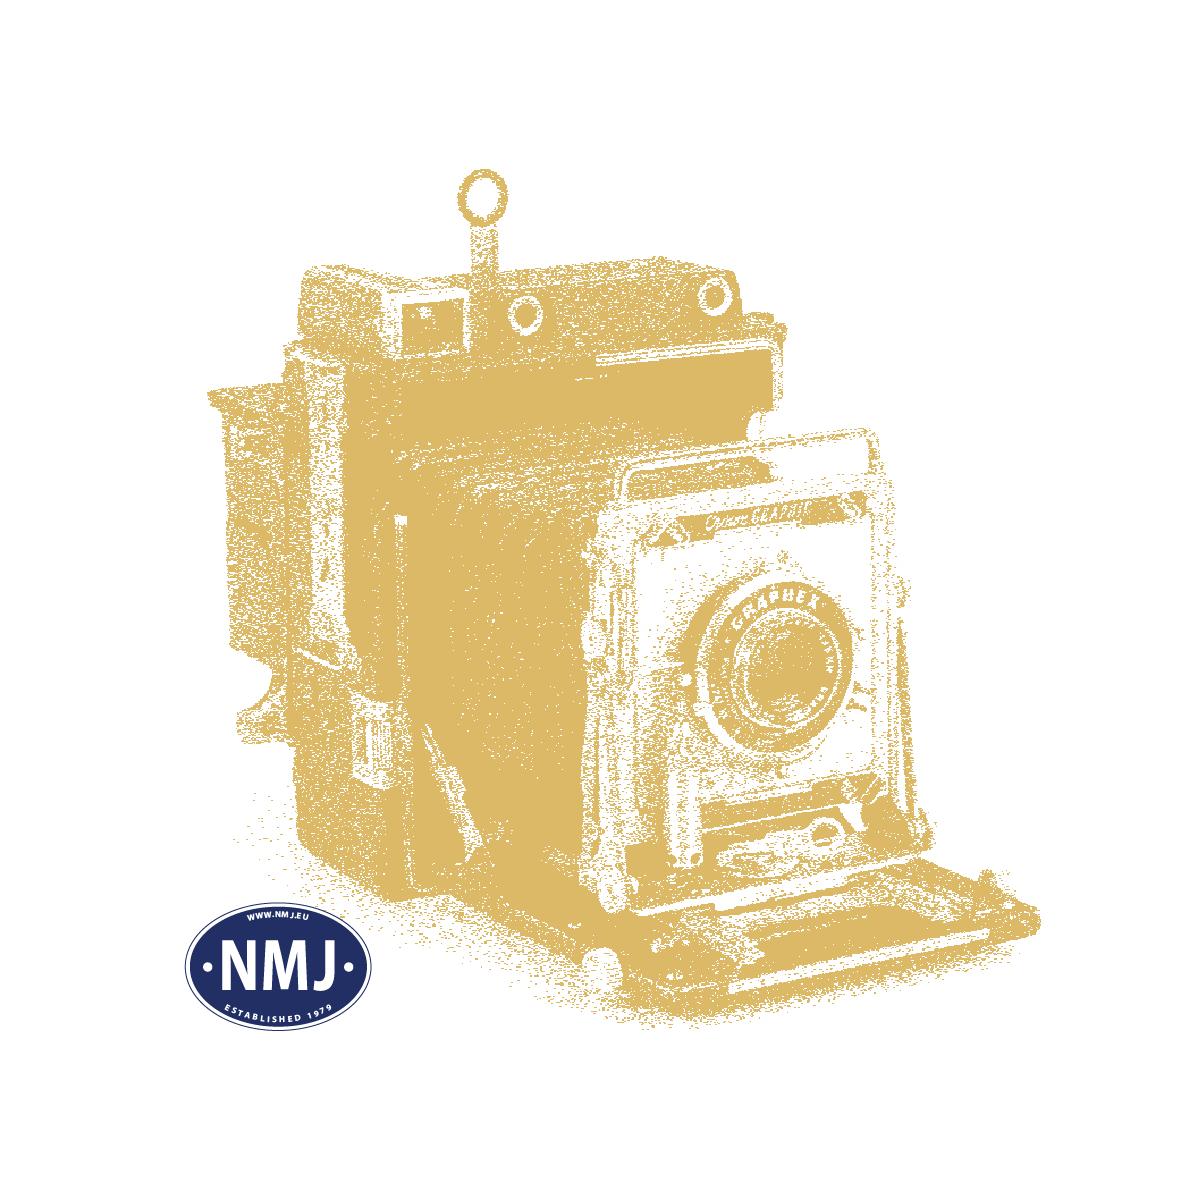 NMJT131.201 - NMJ Topline NSB B3-2 Type 3 25514, mellom design